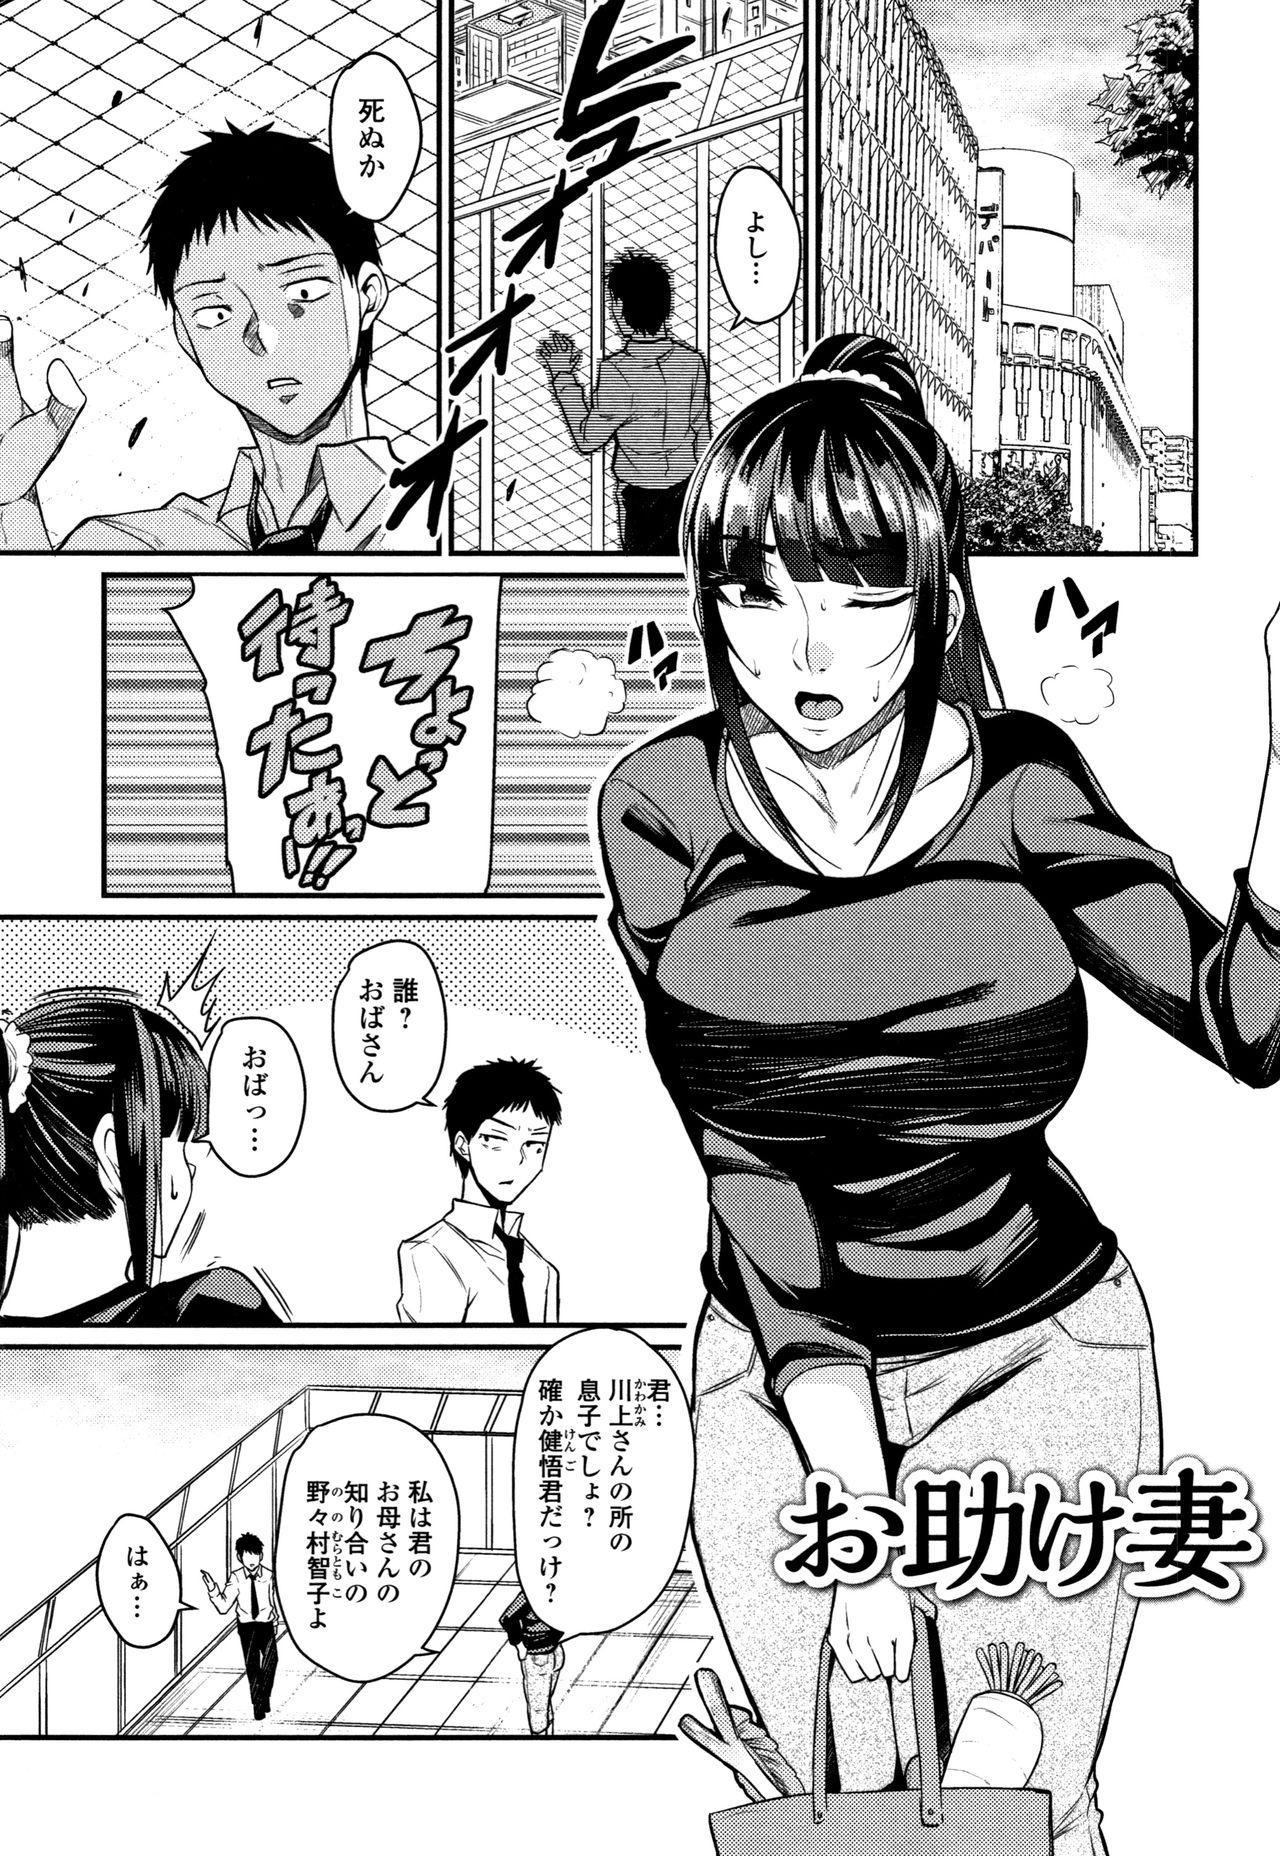 Tsuma Chichi Temptation 166